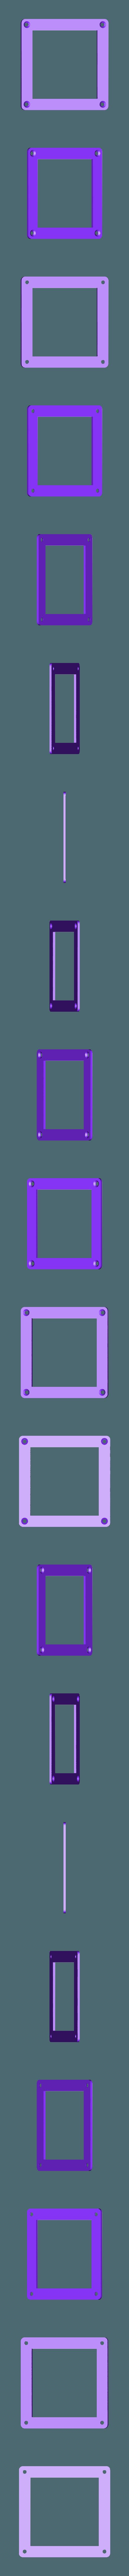 Gasket.stl Download STL file Magnetic Escape Room Puzzle Box • Design to 3D print, Osprey